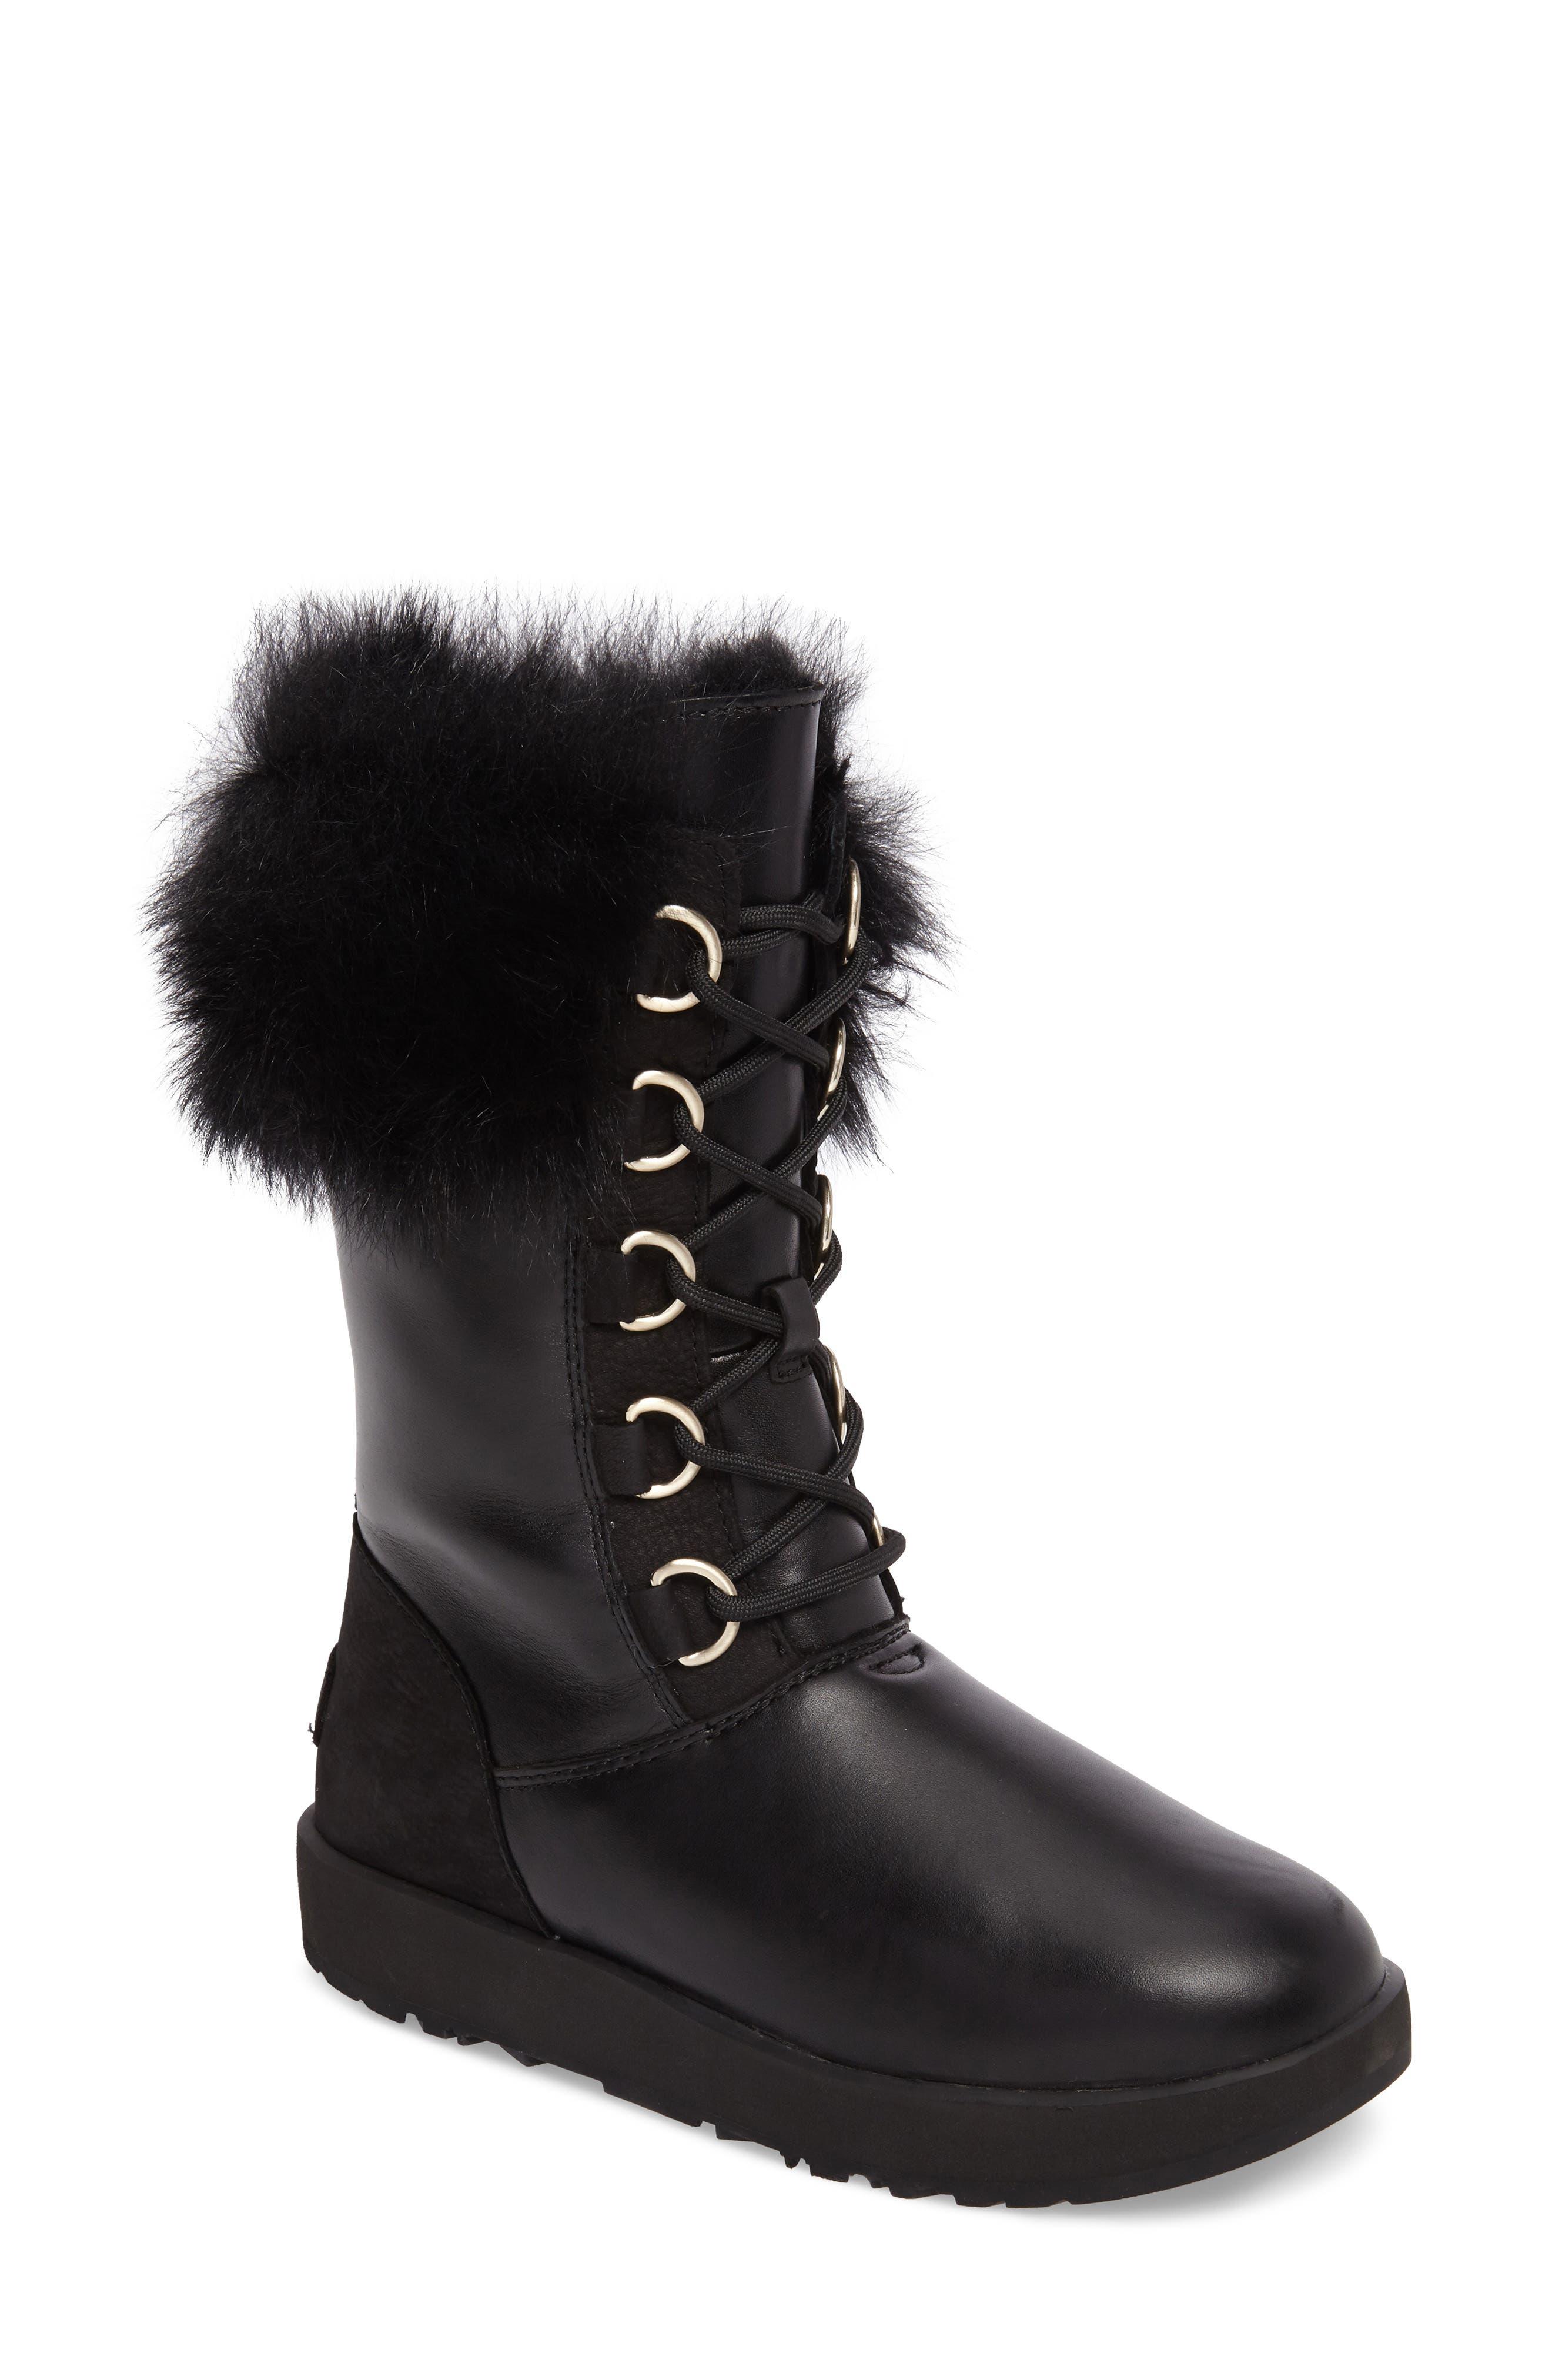 Aya Waterproof Snow Boot,                             Main thumbnail 1, color,                             001